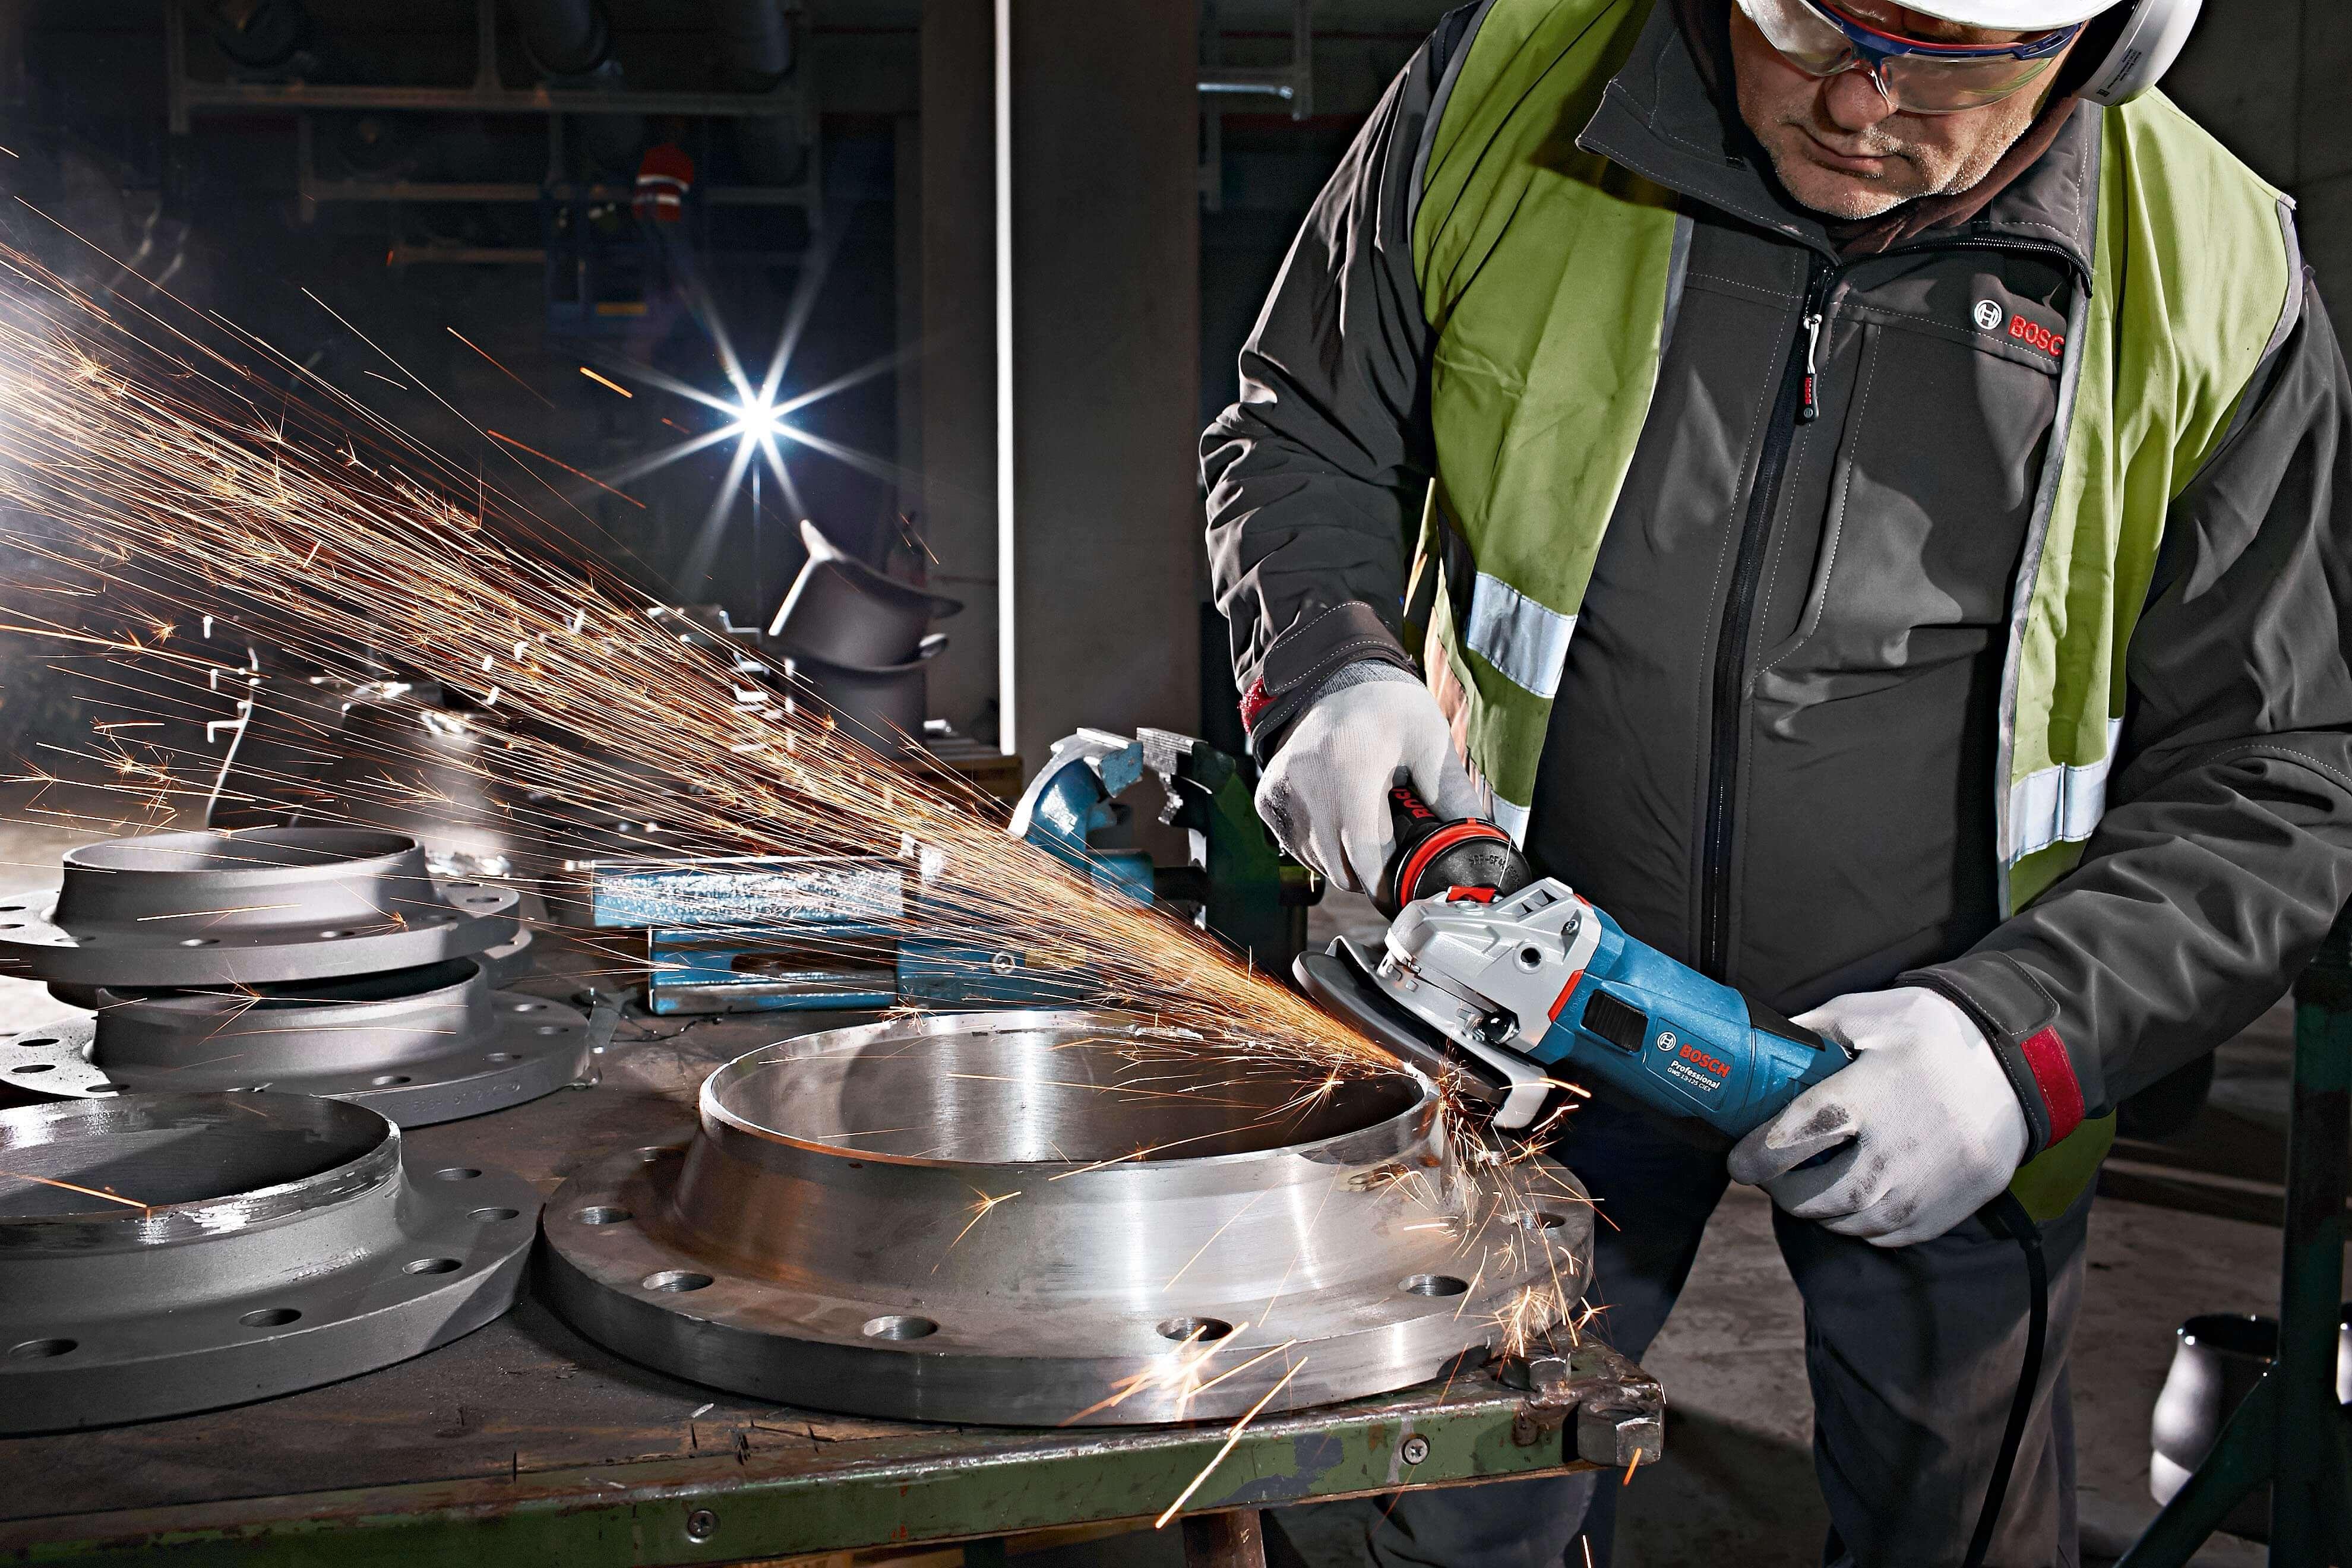 """O Técnico de Demonstração da Bosch acrescentou ainda duas vantagens desta mini-rebarbabadora, """"maior produtividade e menor tempo de paragem para trocar de acessórios"""""""